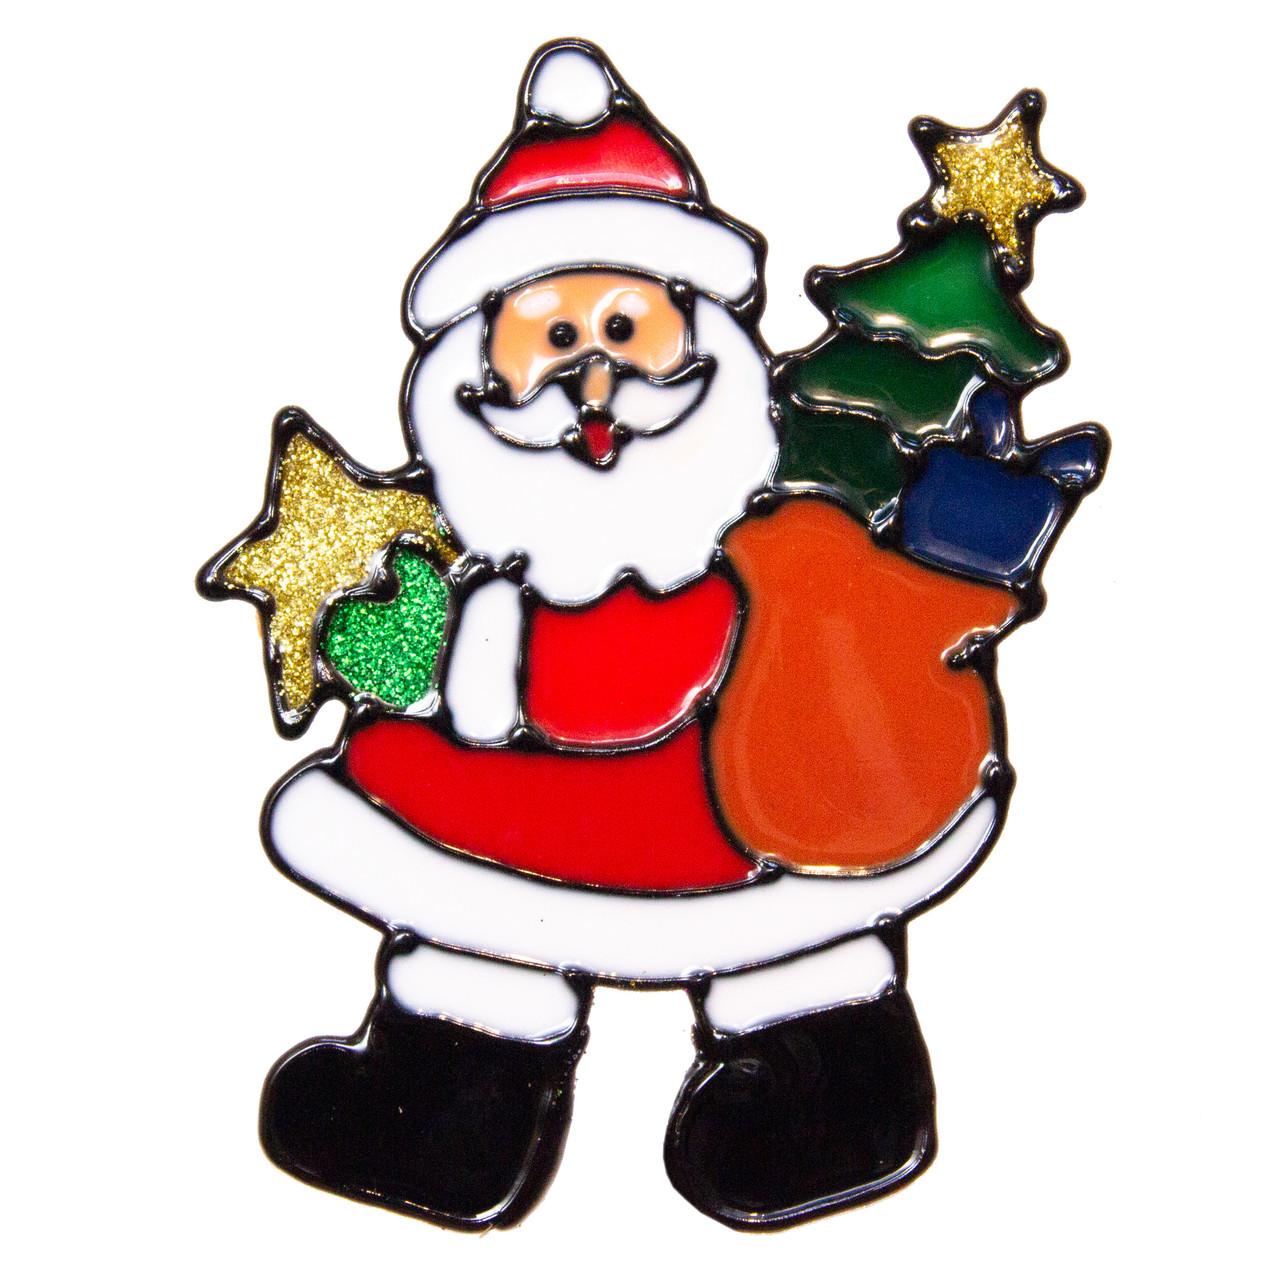 Новогоднее украшение - наклейка на окно Дед Мороз с елкой, 15*15 см, разноцветный, ПВХ (160050-2)